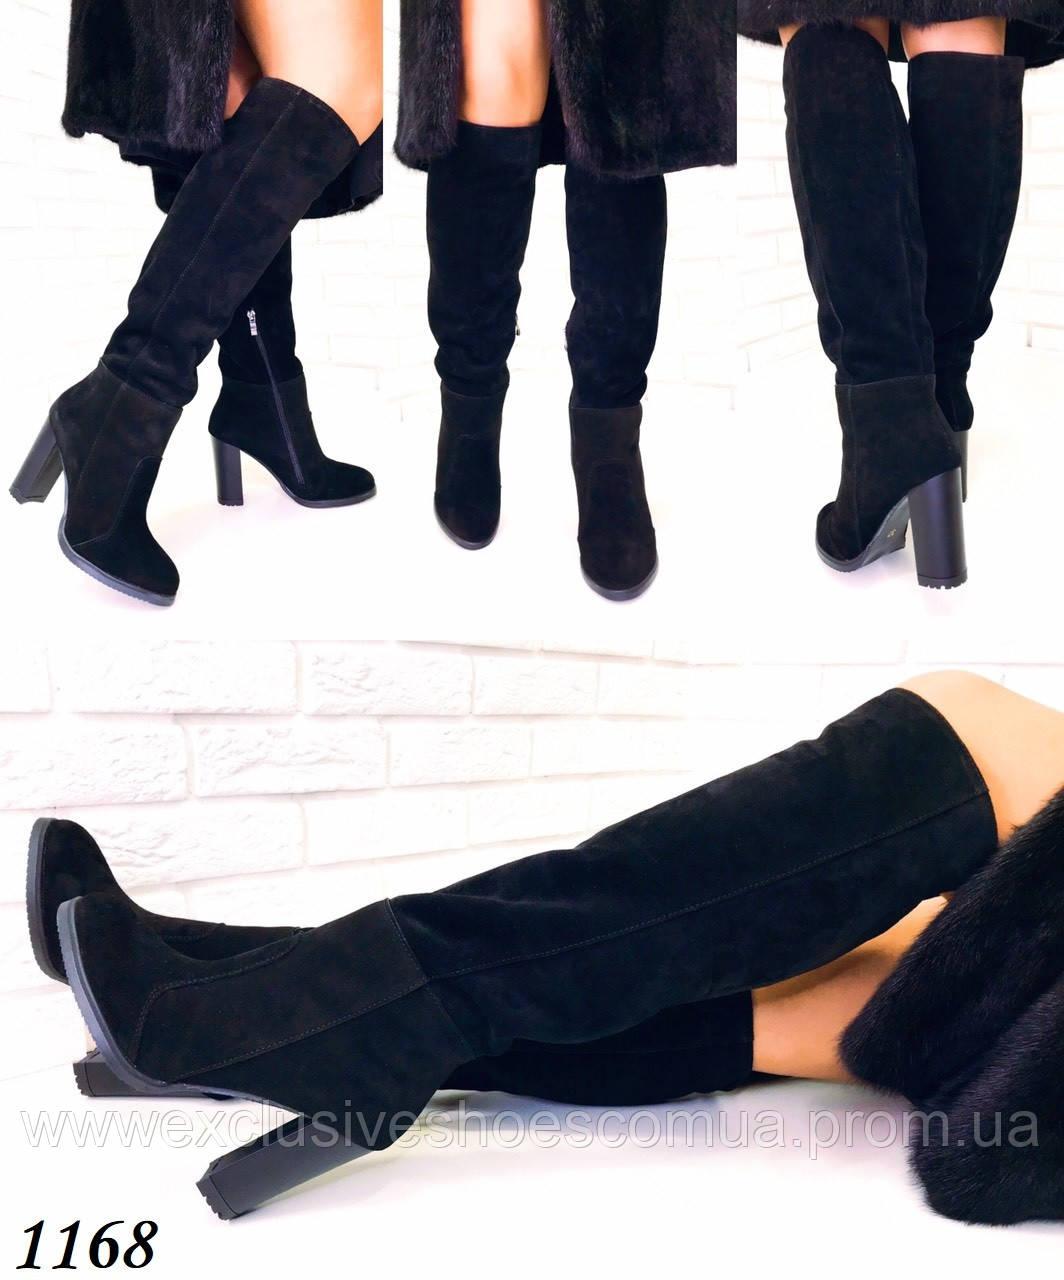 Ботфорты женские зимние замшевые черные на каблуке